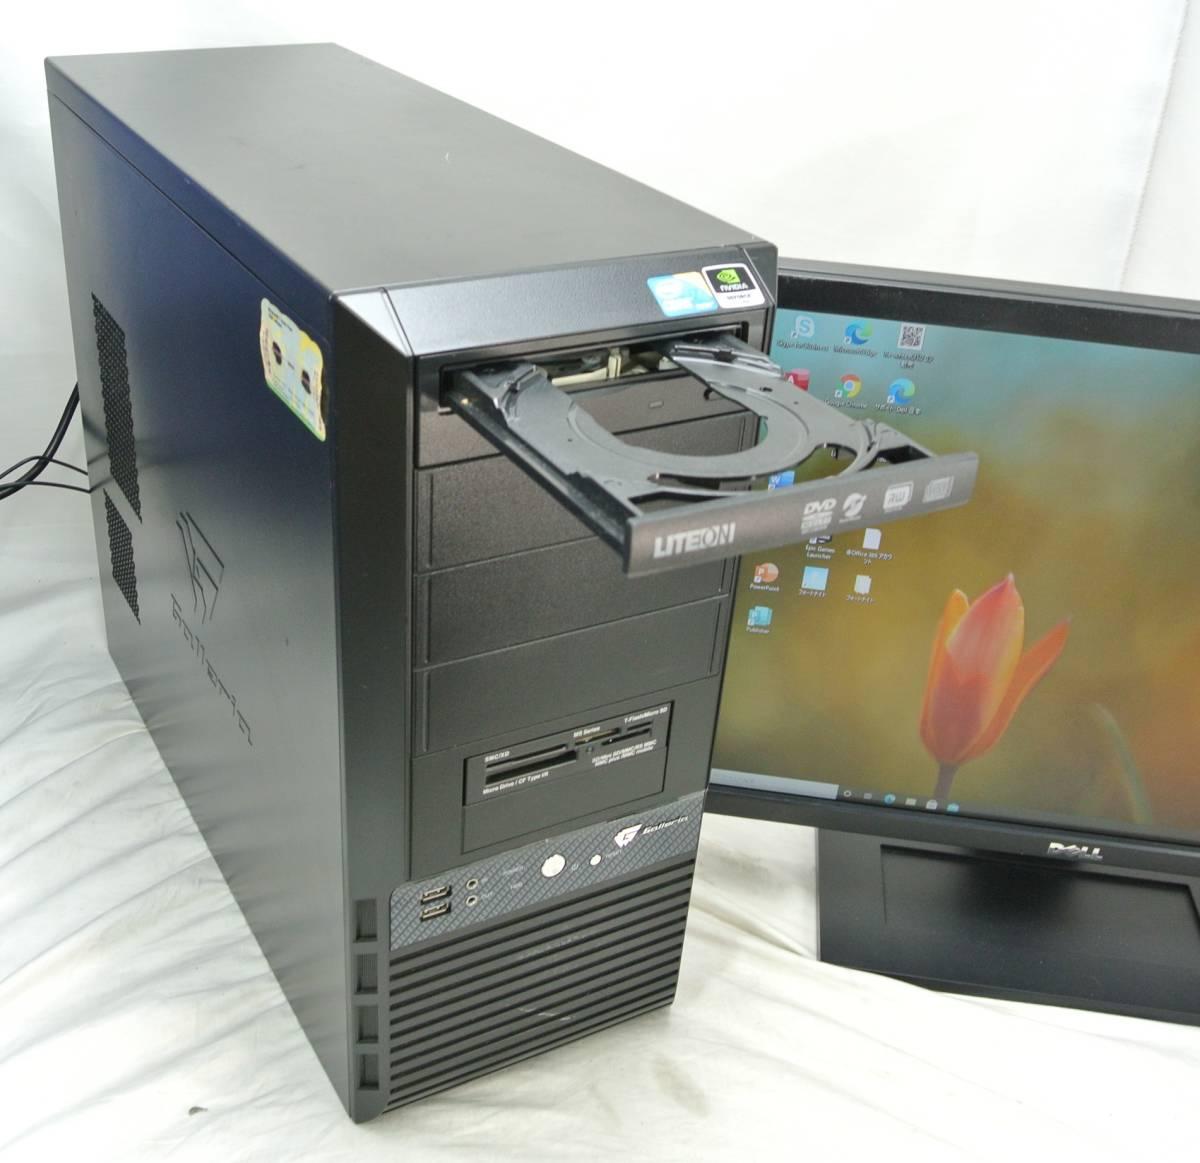 爆速SSD!ゲーミングPC/ドスパラ ガレリア i7-950/SSD128G+HDD500/最新Office/Fortnite/無線Wi-Fi/テレワーク・動画編集,フォートナイト_画像5